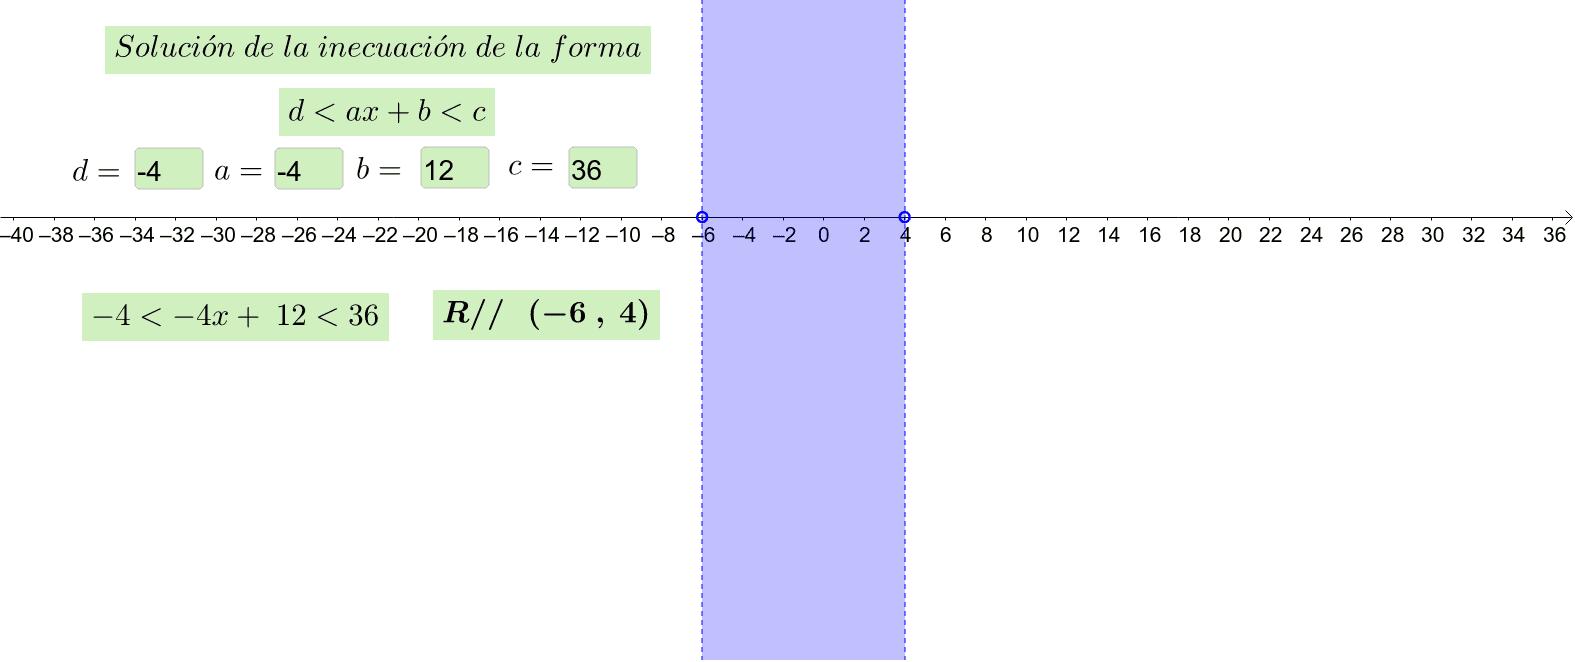 Representación gráfica de la solución de inecuaciones  sencillas de primer grado